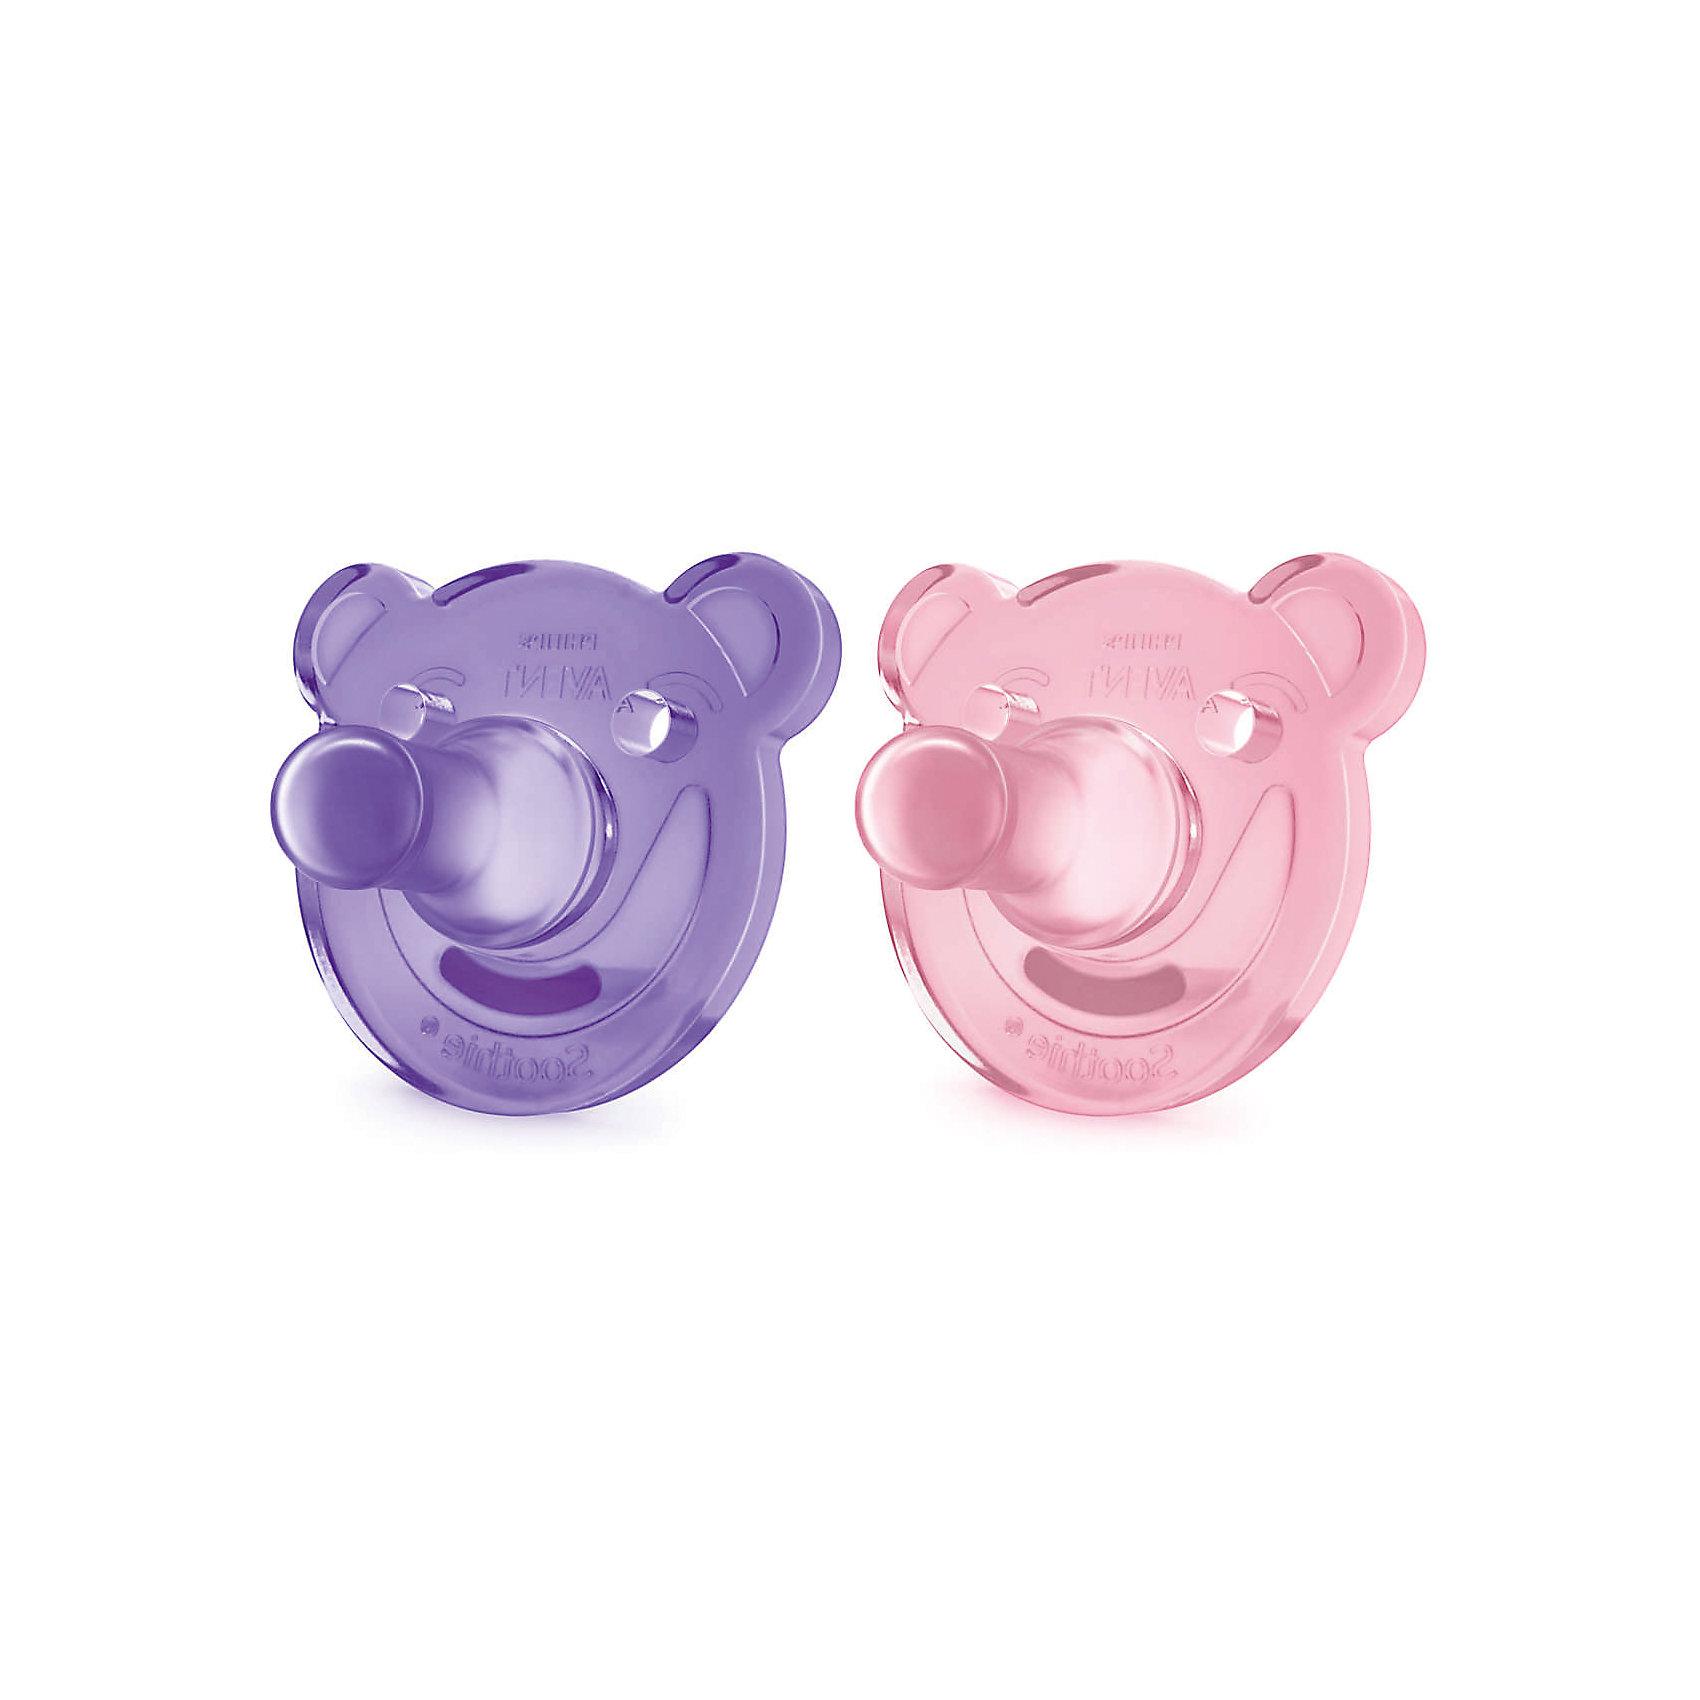 Соска-пустышка с щитком 0-3 мес, 2шт., Philips Avent, розовый/фиолетовыйПустышки из силикона<br>Это цельная силиконовая соска-пустышка в виде забавного мишки нежнейшего цвета! Соска учитывает строение и естественное развитие неба, зубов и десен малыша.<br><br>Дополнительная информация:<br><br>- Возраст: с рождения до 3 месяцев.<br>- Кол-во в упаковке: 2 шт.<br>- Цвет: розовый/фиолетовый.<br>- Состав: высококачественный силикон.<br>- Размер упаковки: 4,8х10,3х11,5 см.<br>- Вес в упаковке: 68 г. <br><br>Купить соску-пустышку от Philips Avent, можно в нашем магазине.<br><br>Ширина мм: 48<br>Глубина мм: 103<br>Высота мм: 115<br>Вес г: 68<br>Возраст от месяцев: 0<br>Возраст до месяцев: 3<br>Пол: Женский<br>Возраст: Детский<br>SKU: 4880884